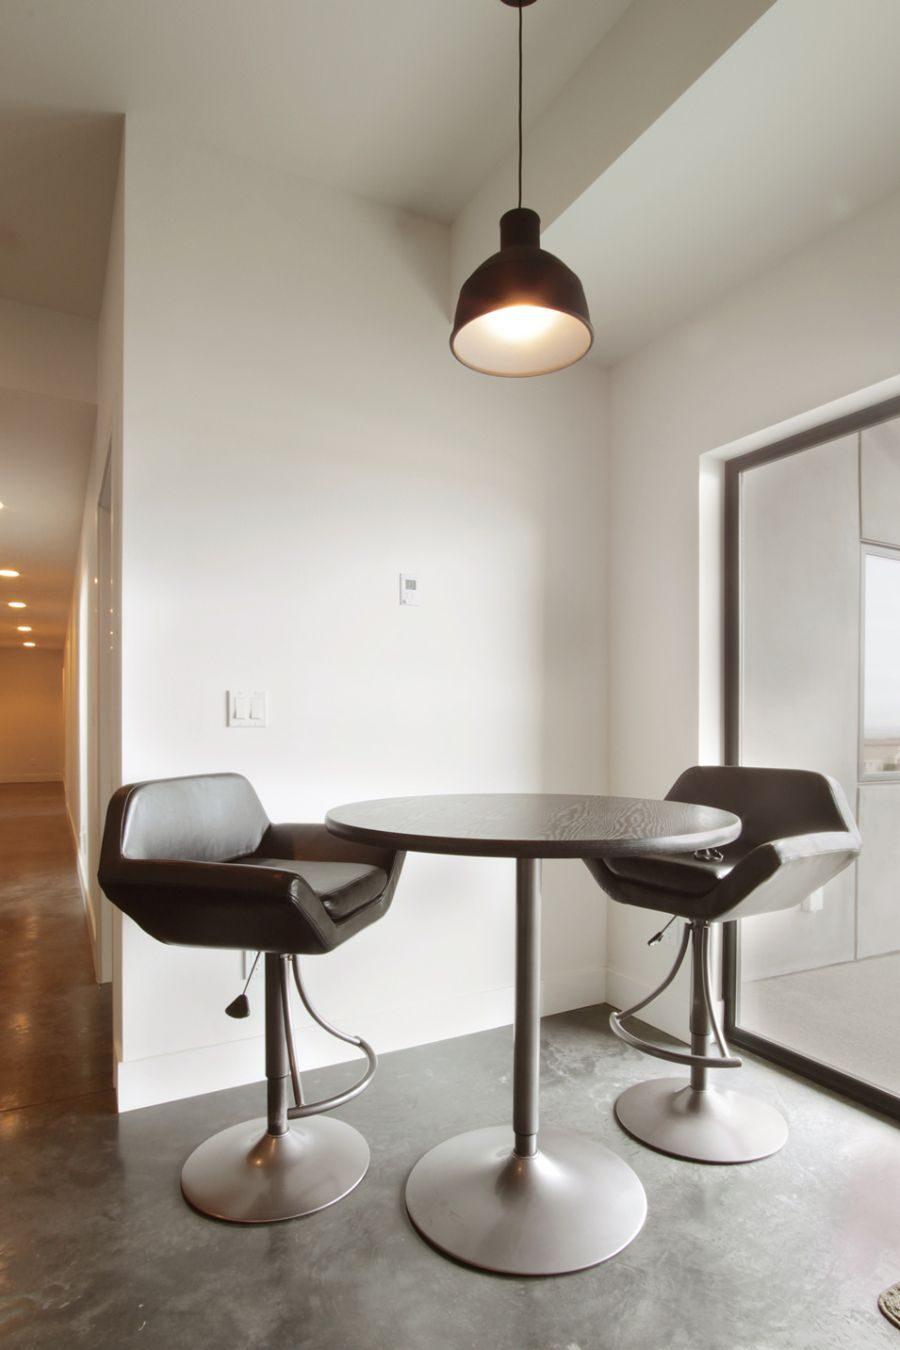 Обустройство обеденной зоны на кухне - Фото 13